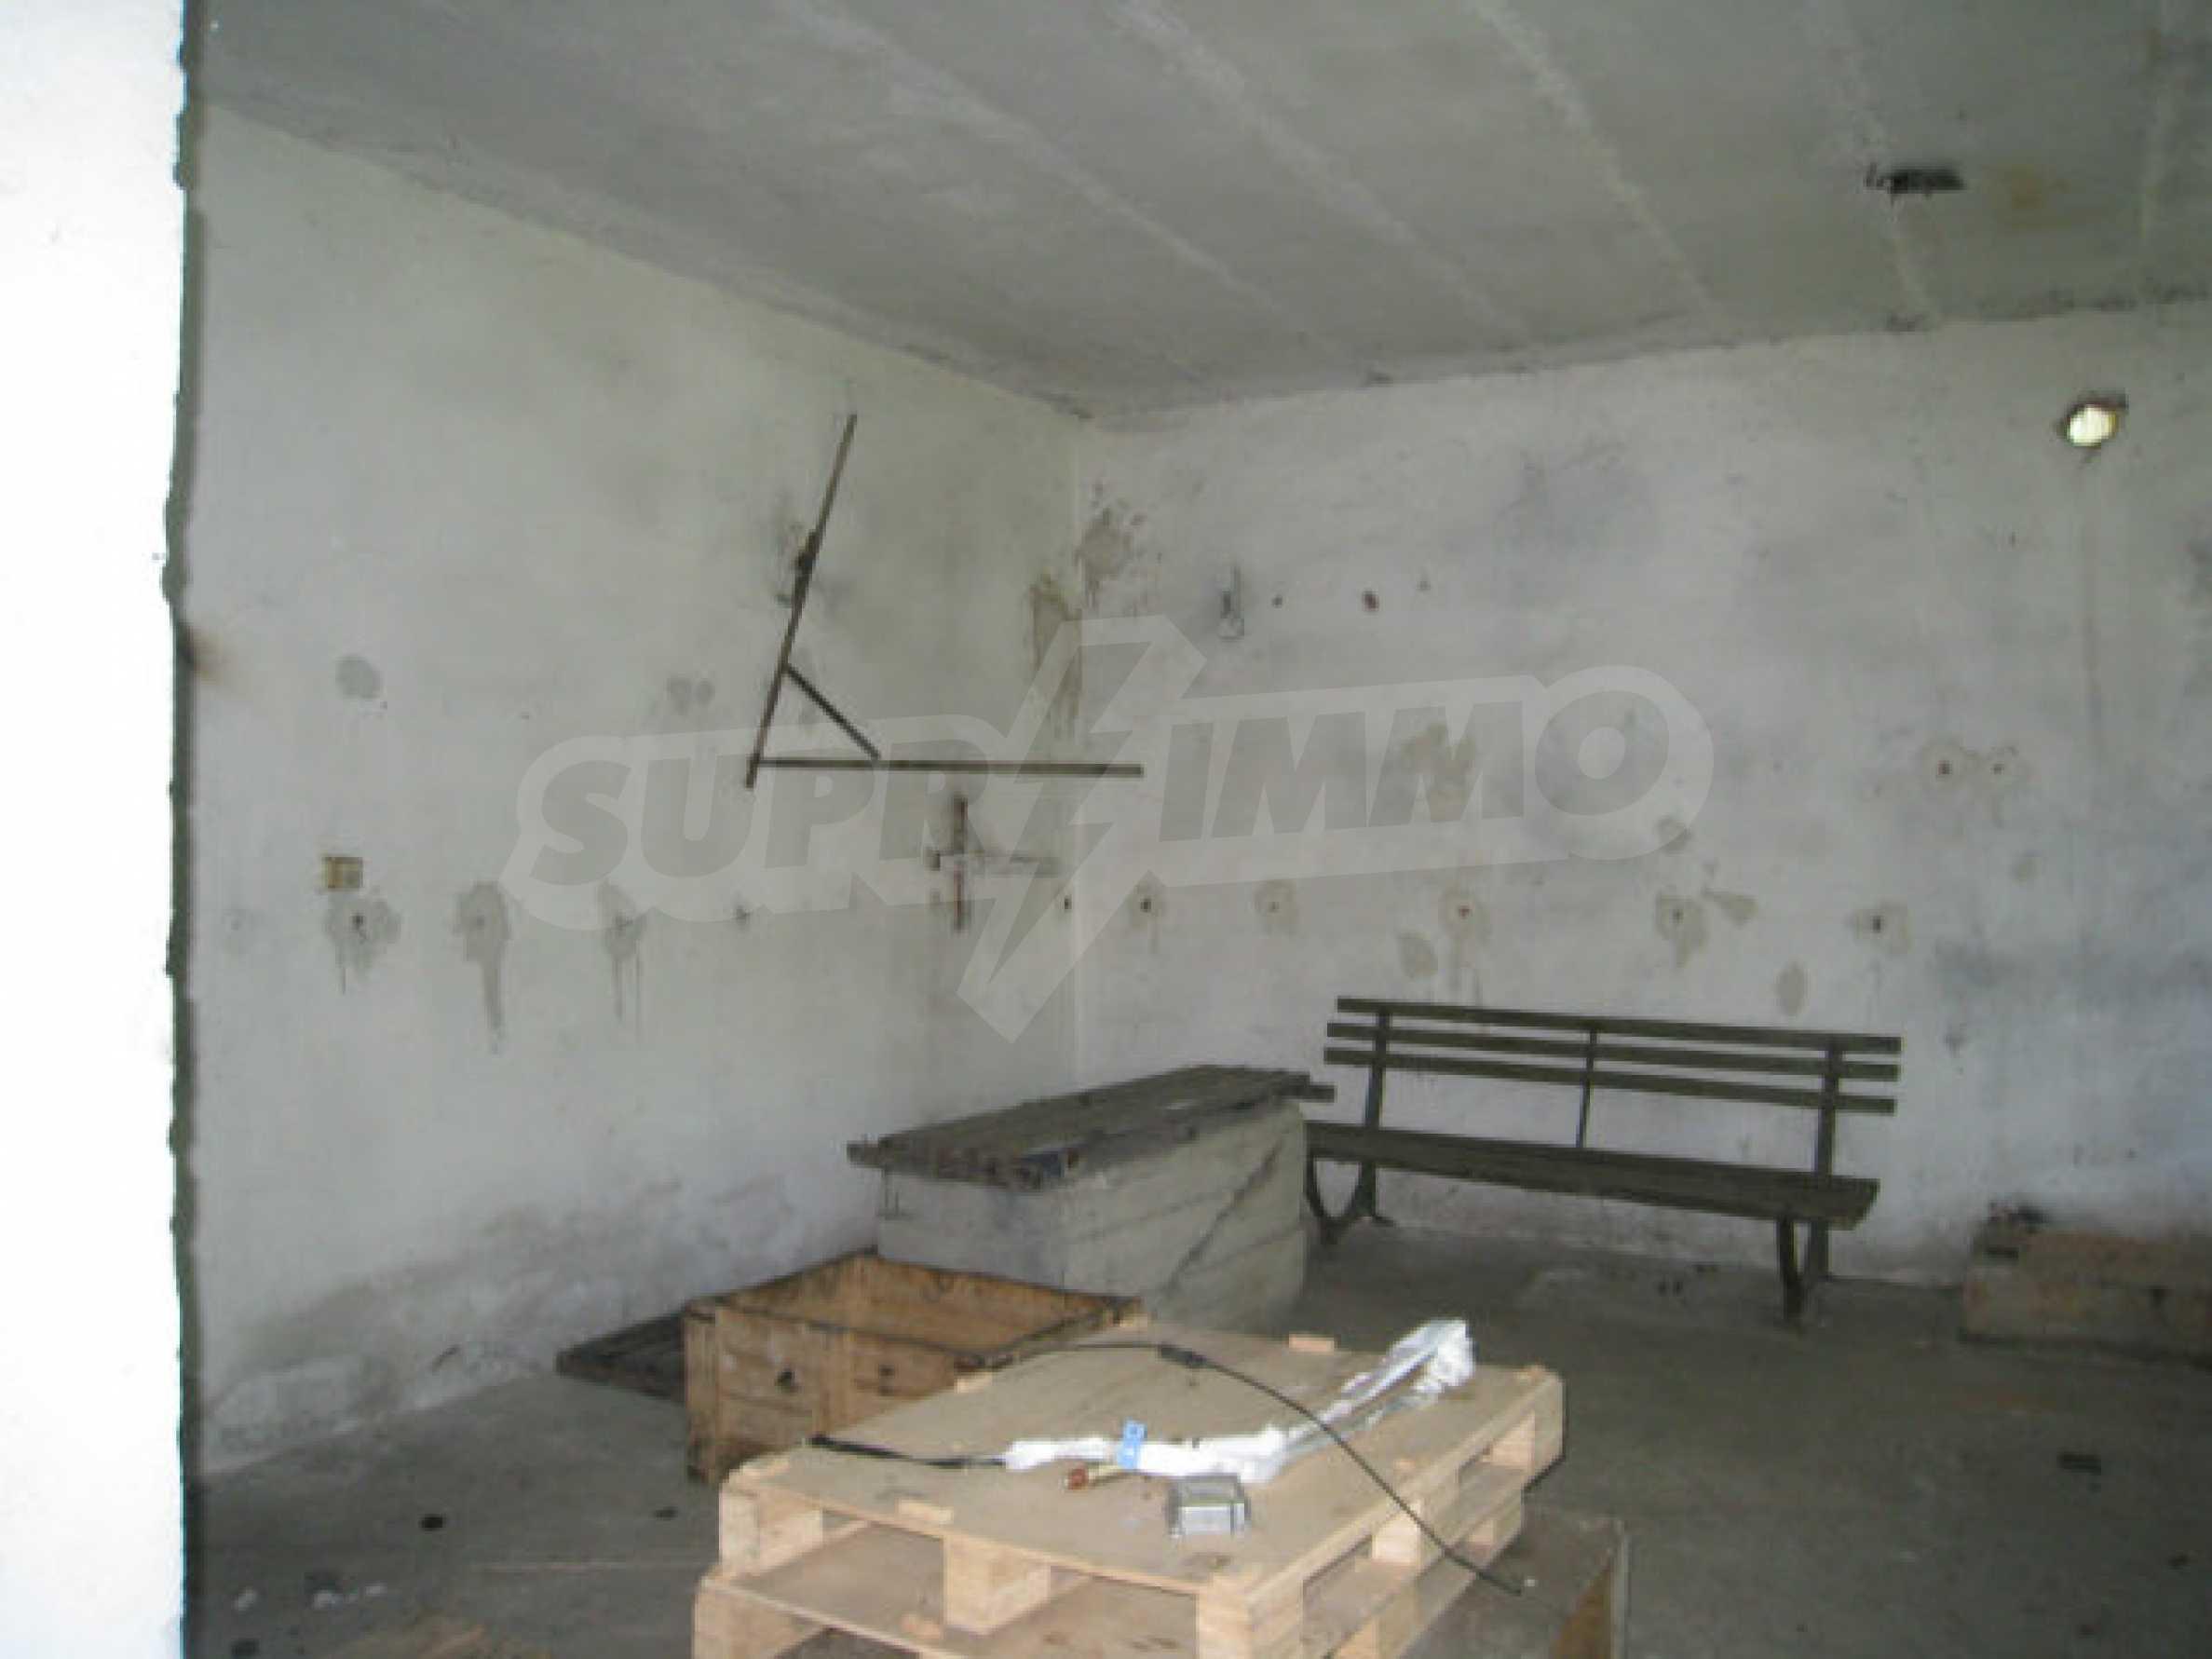 Produktionsgebäude mit Dienstleistungs- und Verwaltungsgebäude in der Nähe von Monatan 12